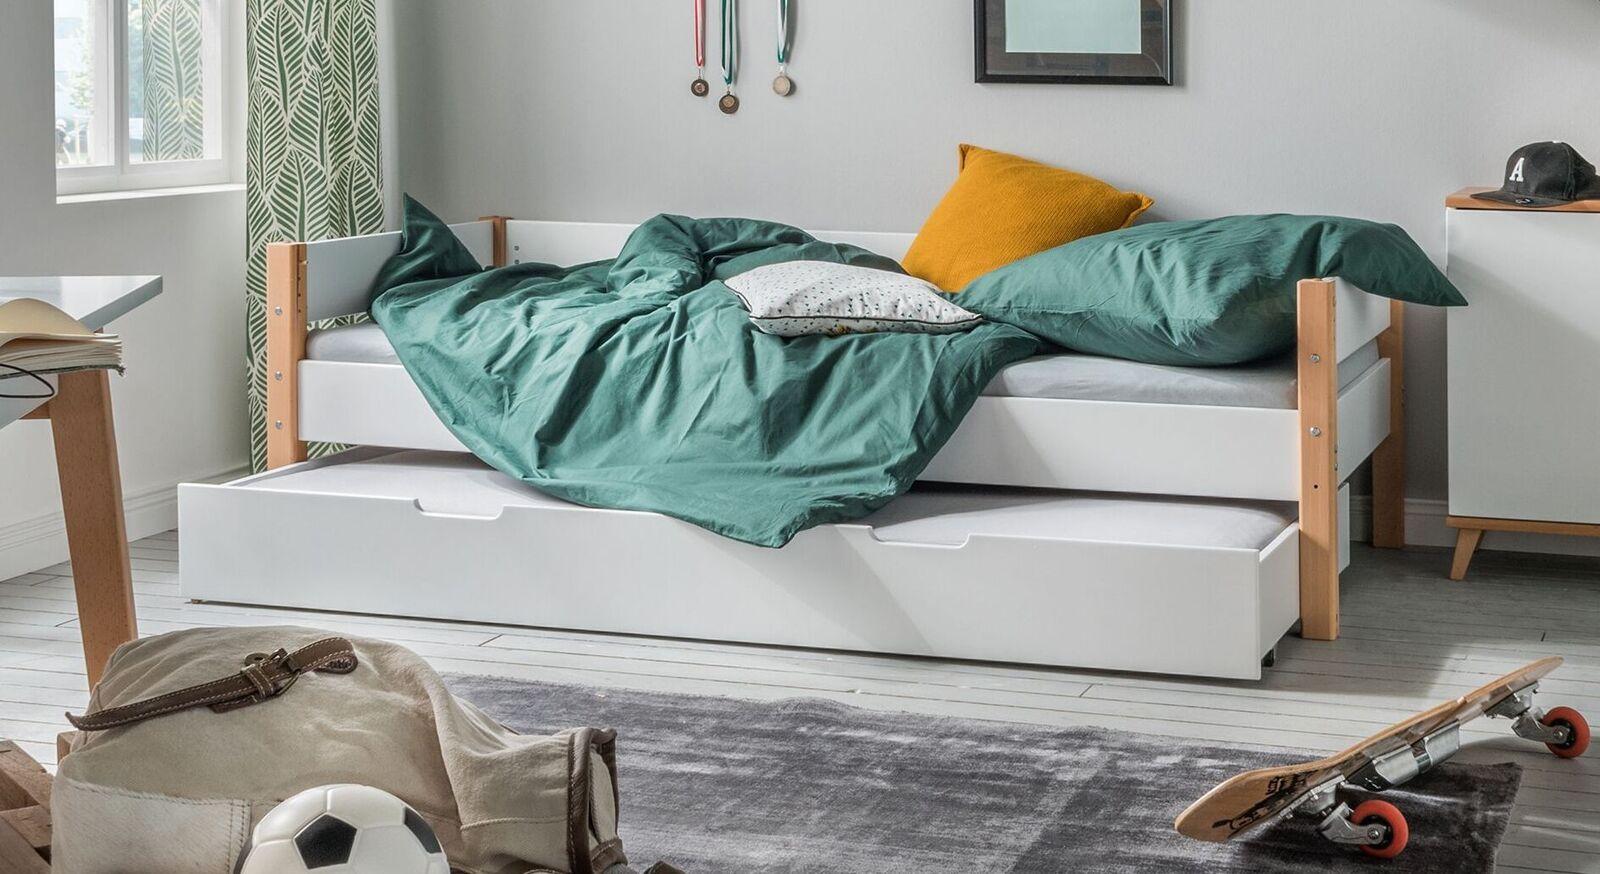 Ausziehbett Kids Nordic mit zwei Schlafplätzen